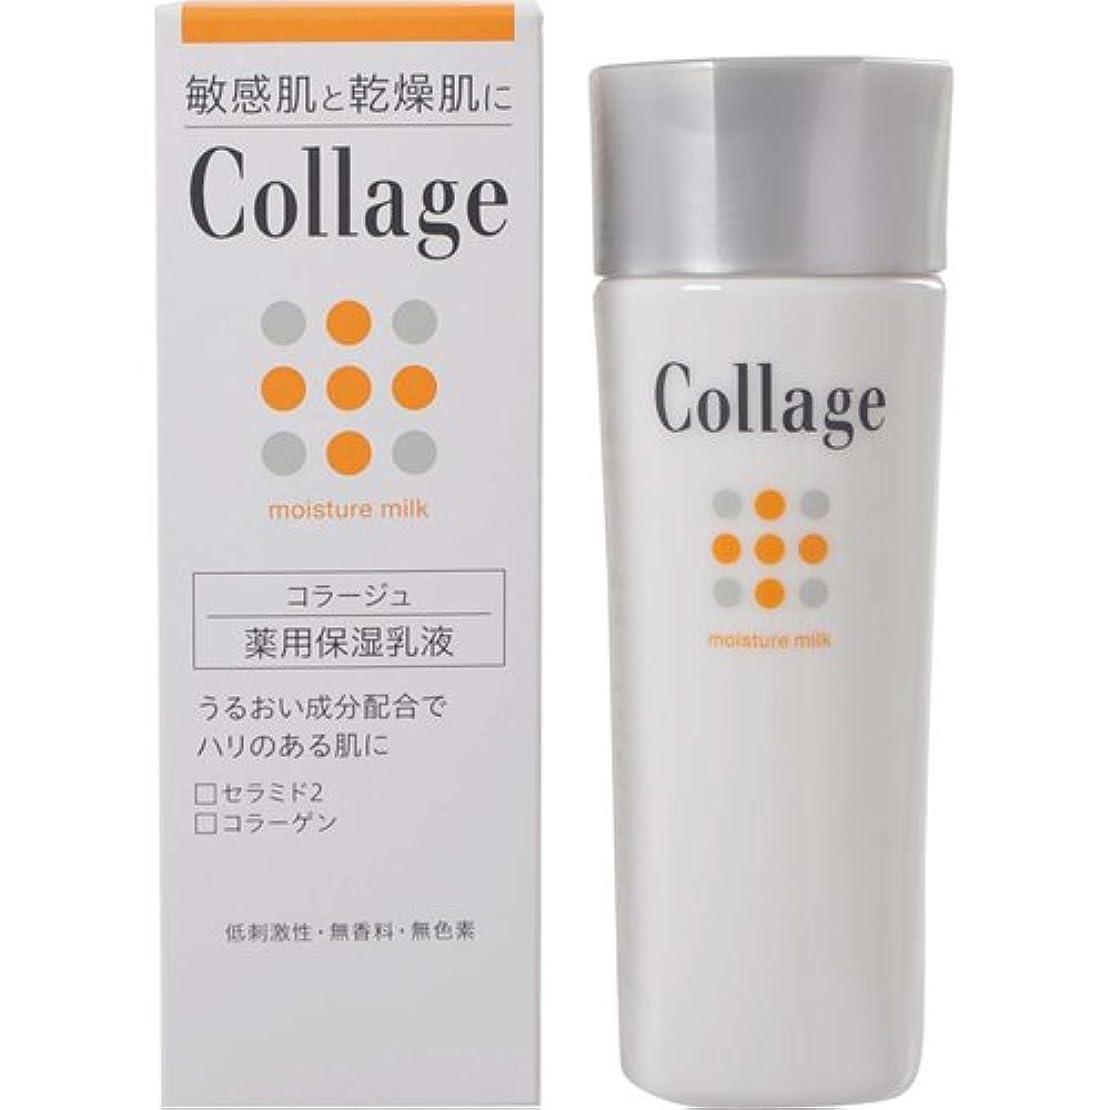 征服者楽しむ中世のコラージュ 薬用保湿乳液 80mL 【医薬部外品】